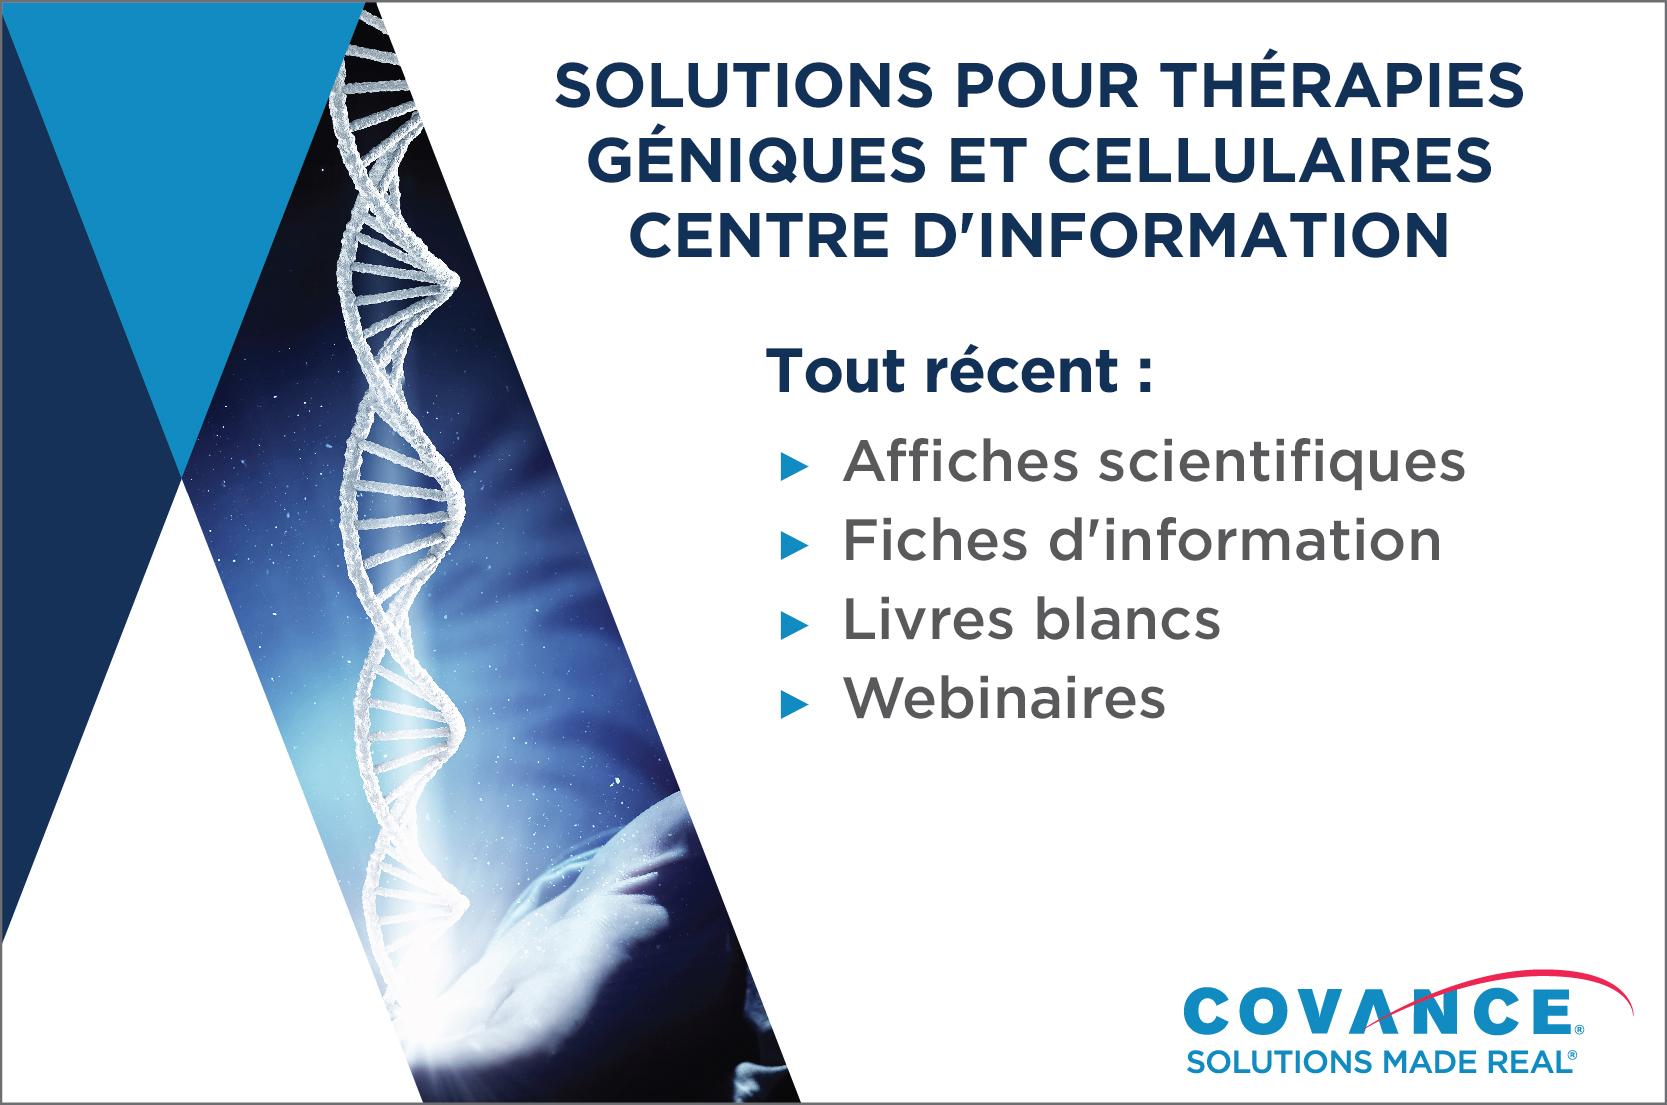 Centre d'information sur les thérapies cellulaires et géniques